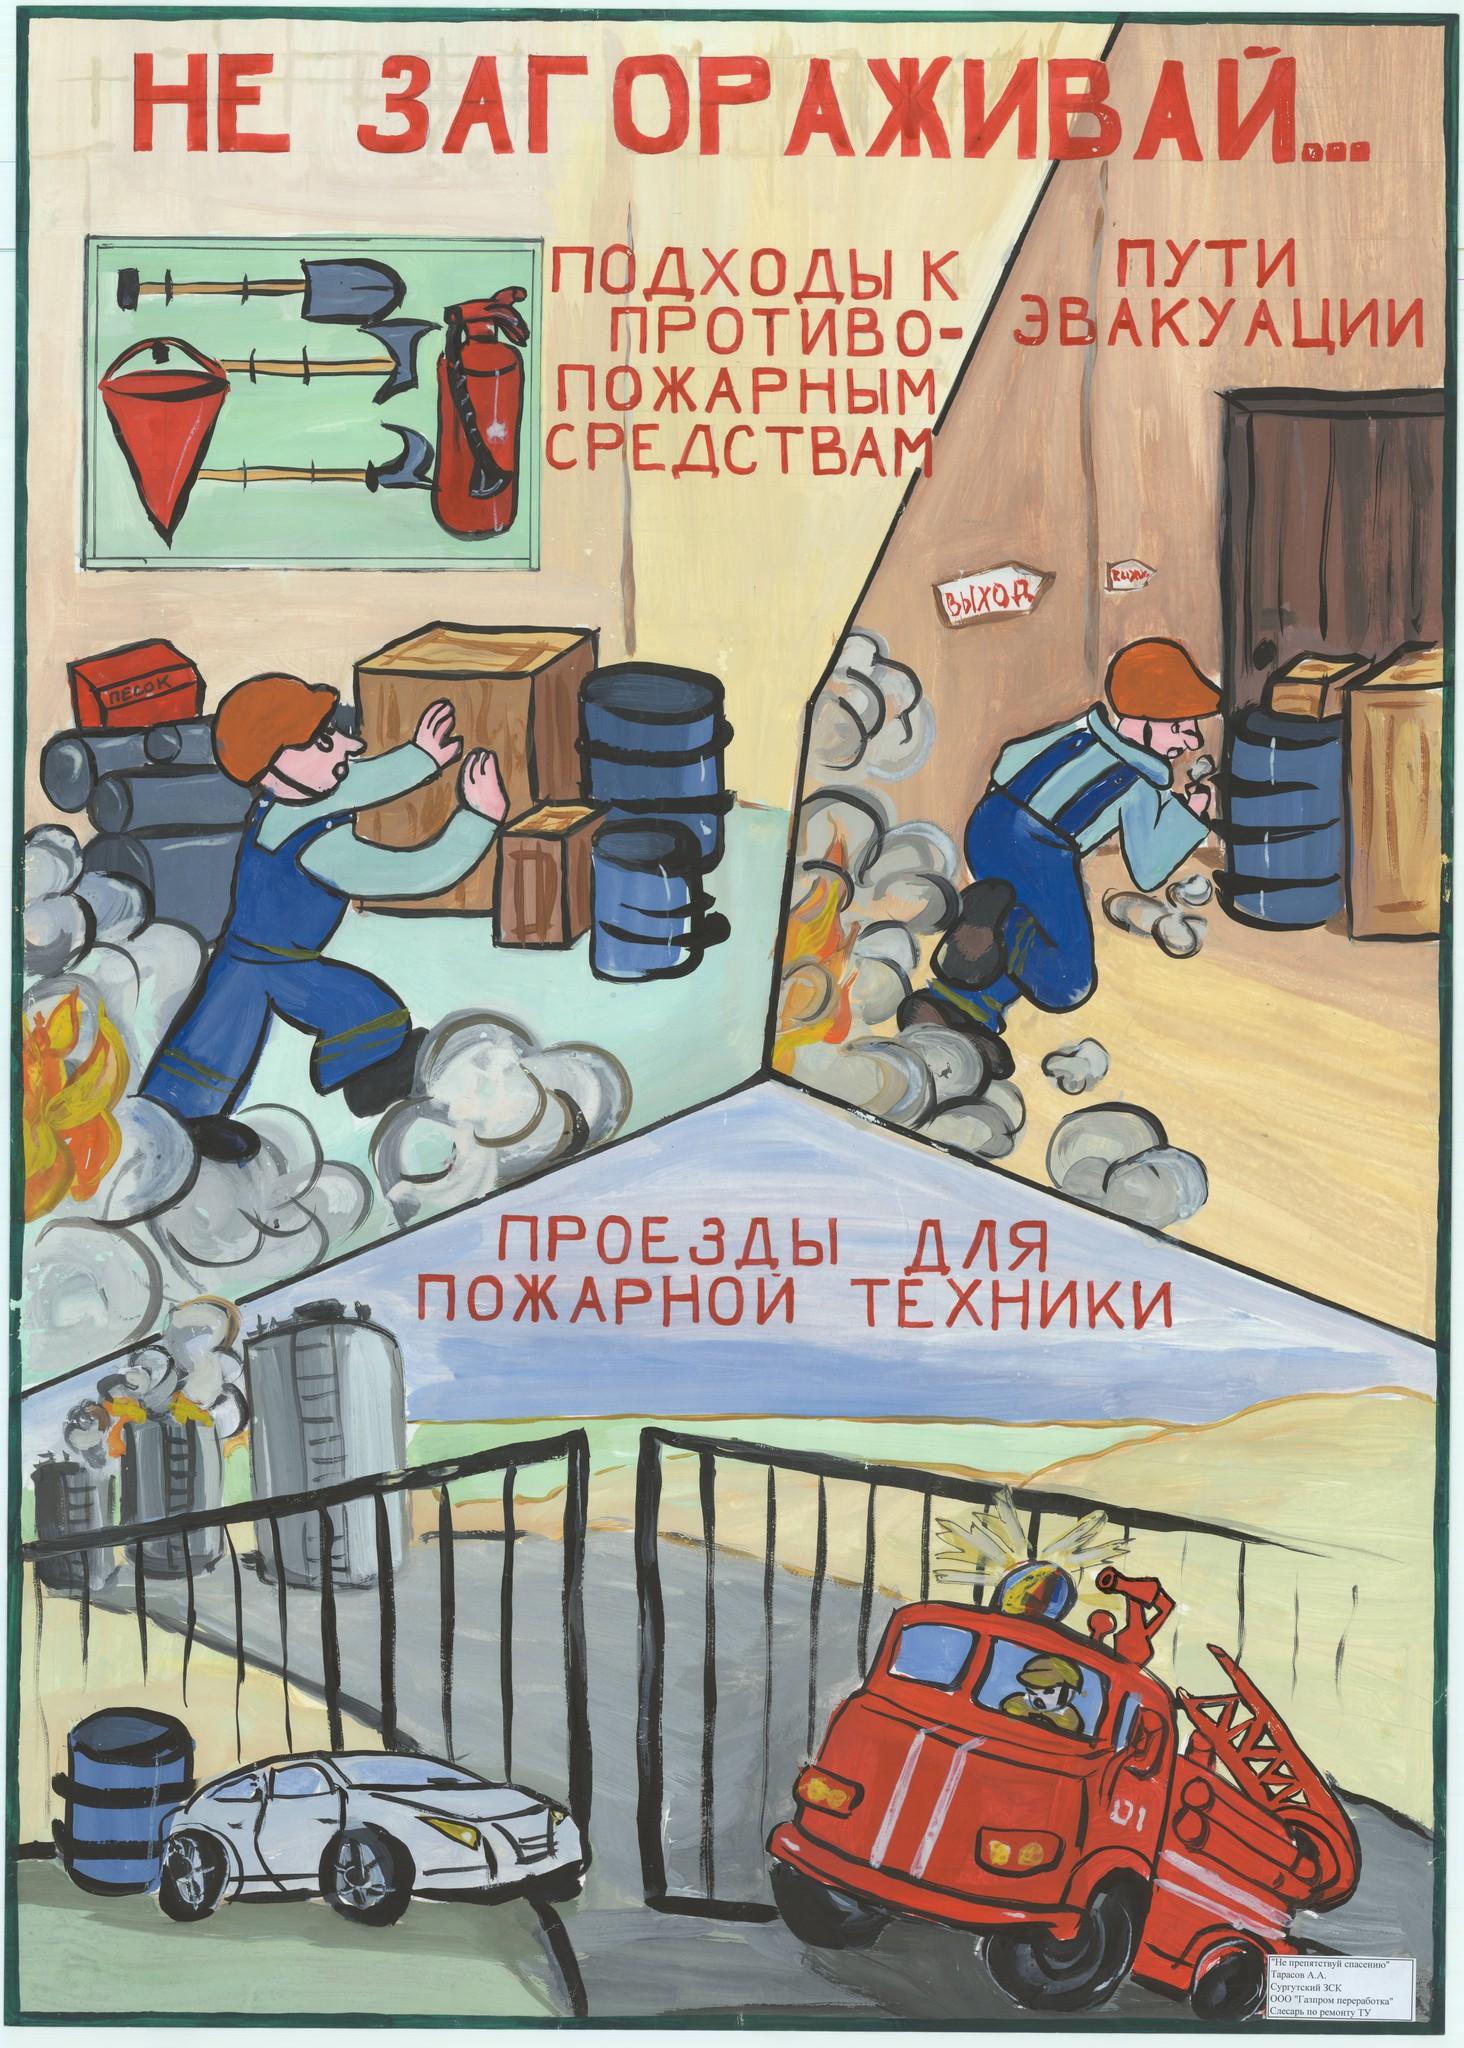 http://pererabotka.gazprom.ru/d/story/b8/184/14.jpg